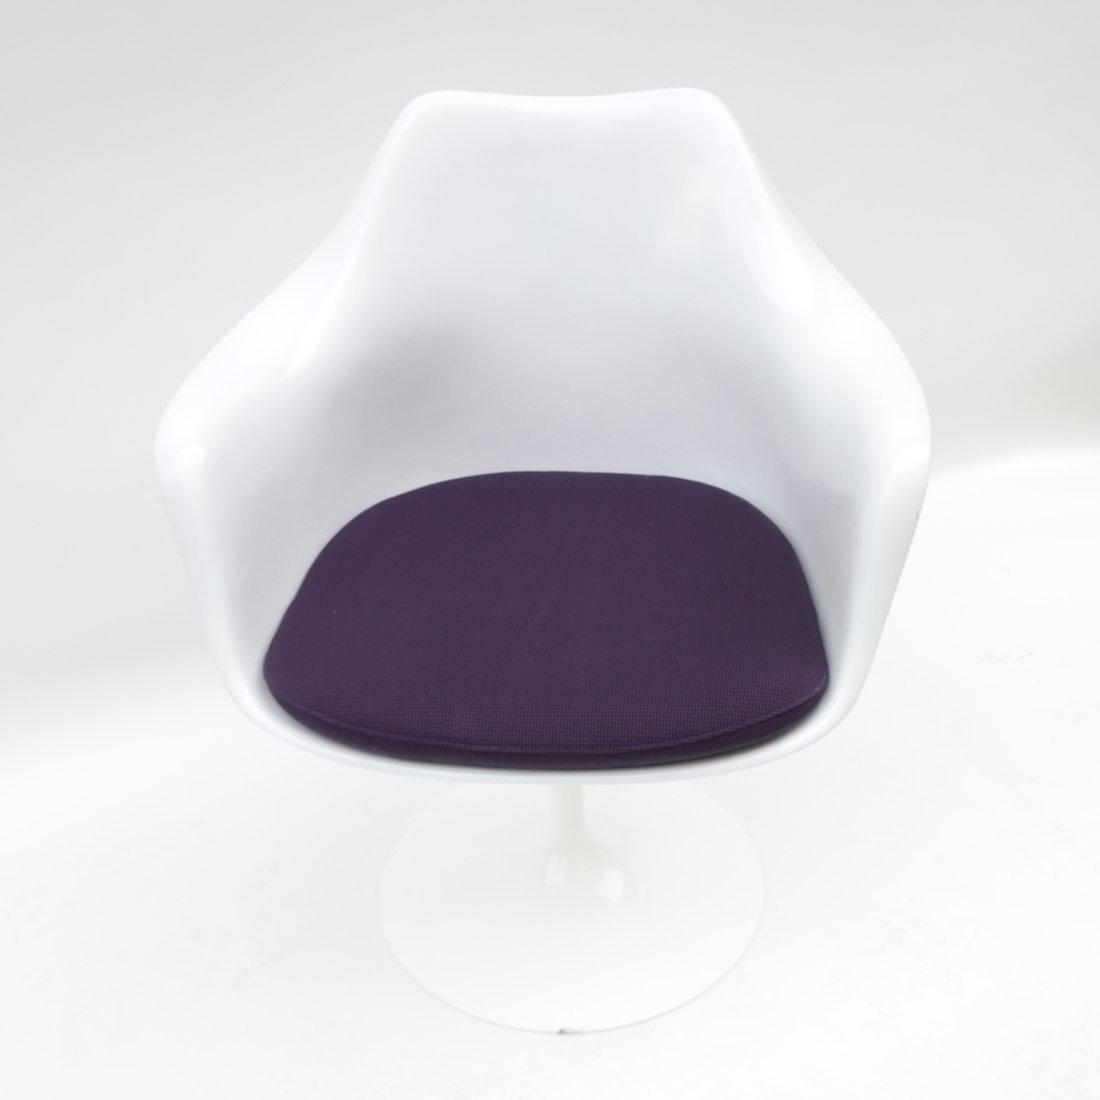 Eero Saarinen Tulip Chair - 2